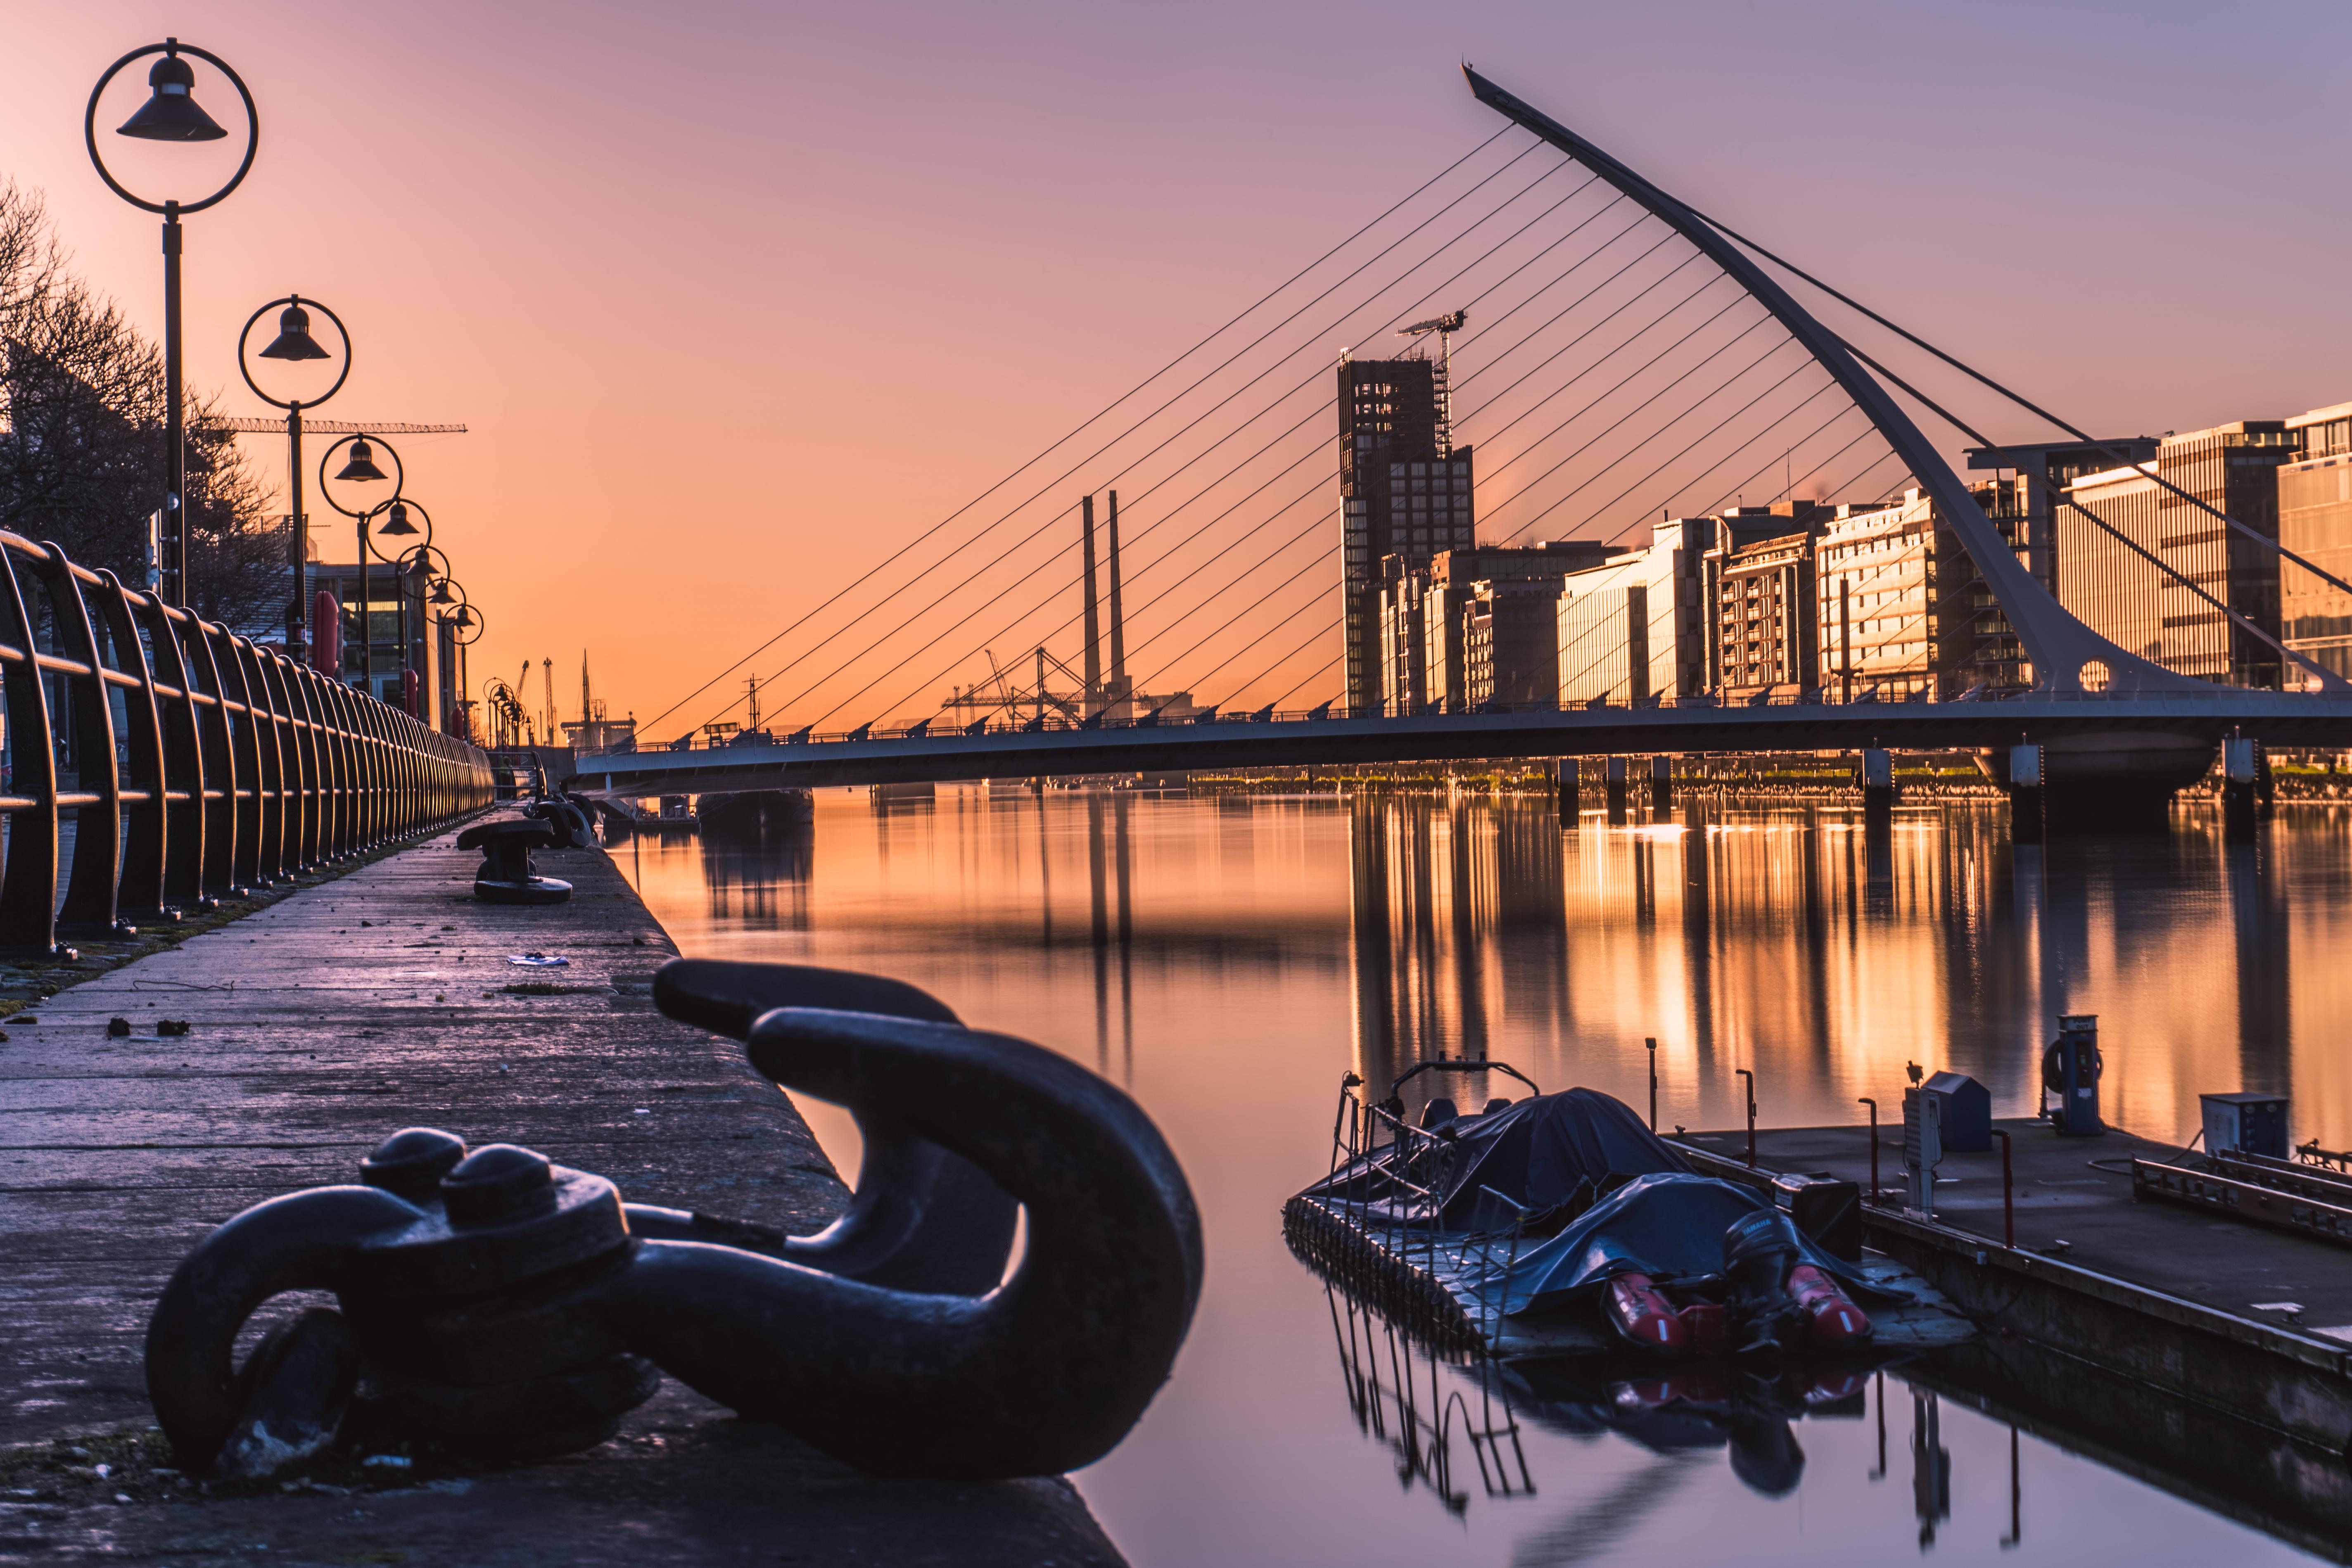 Dublin is Europe's biggest Brexit benefactor